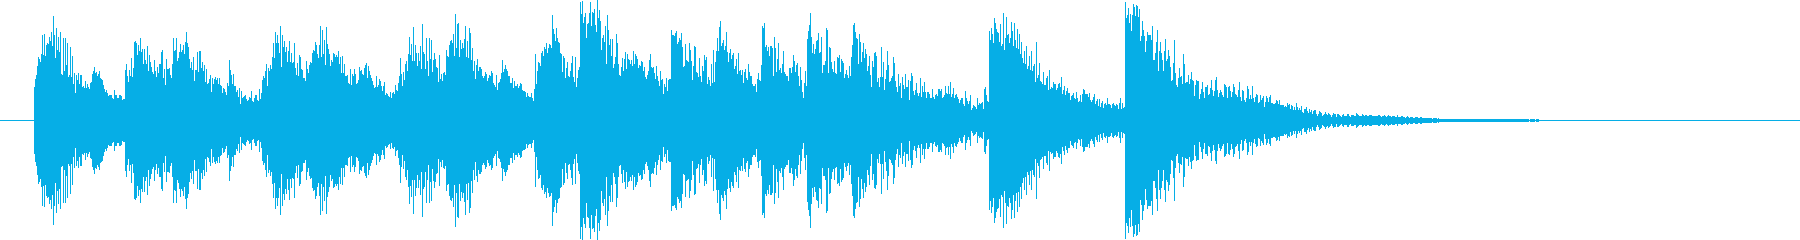 ファニーで明るいオーケストラロゴ♪の再生済みの波形